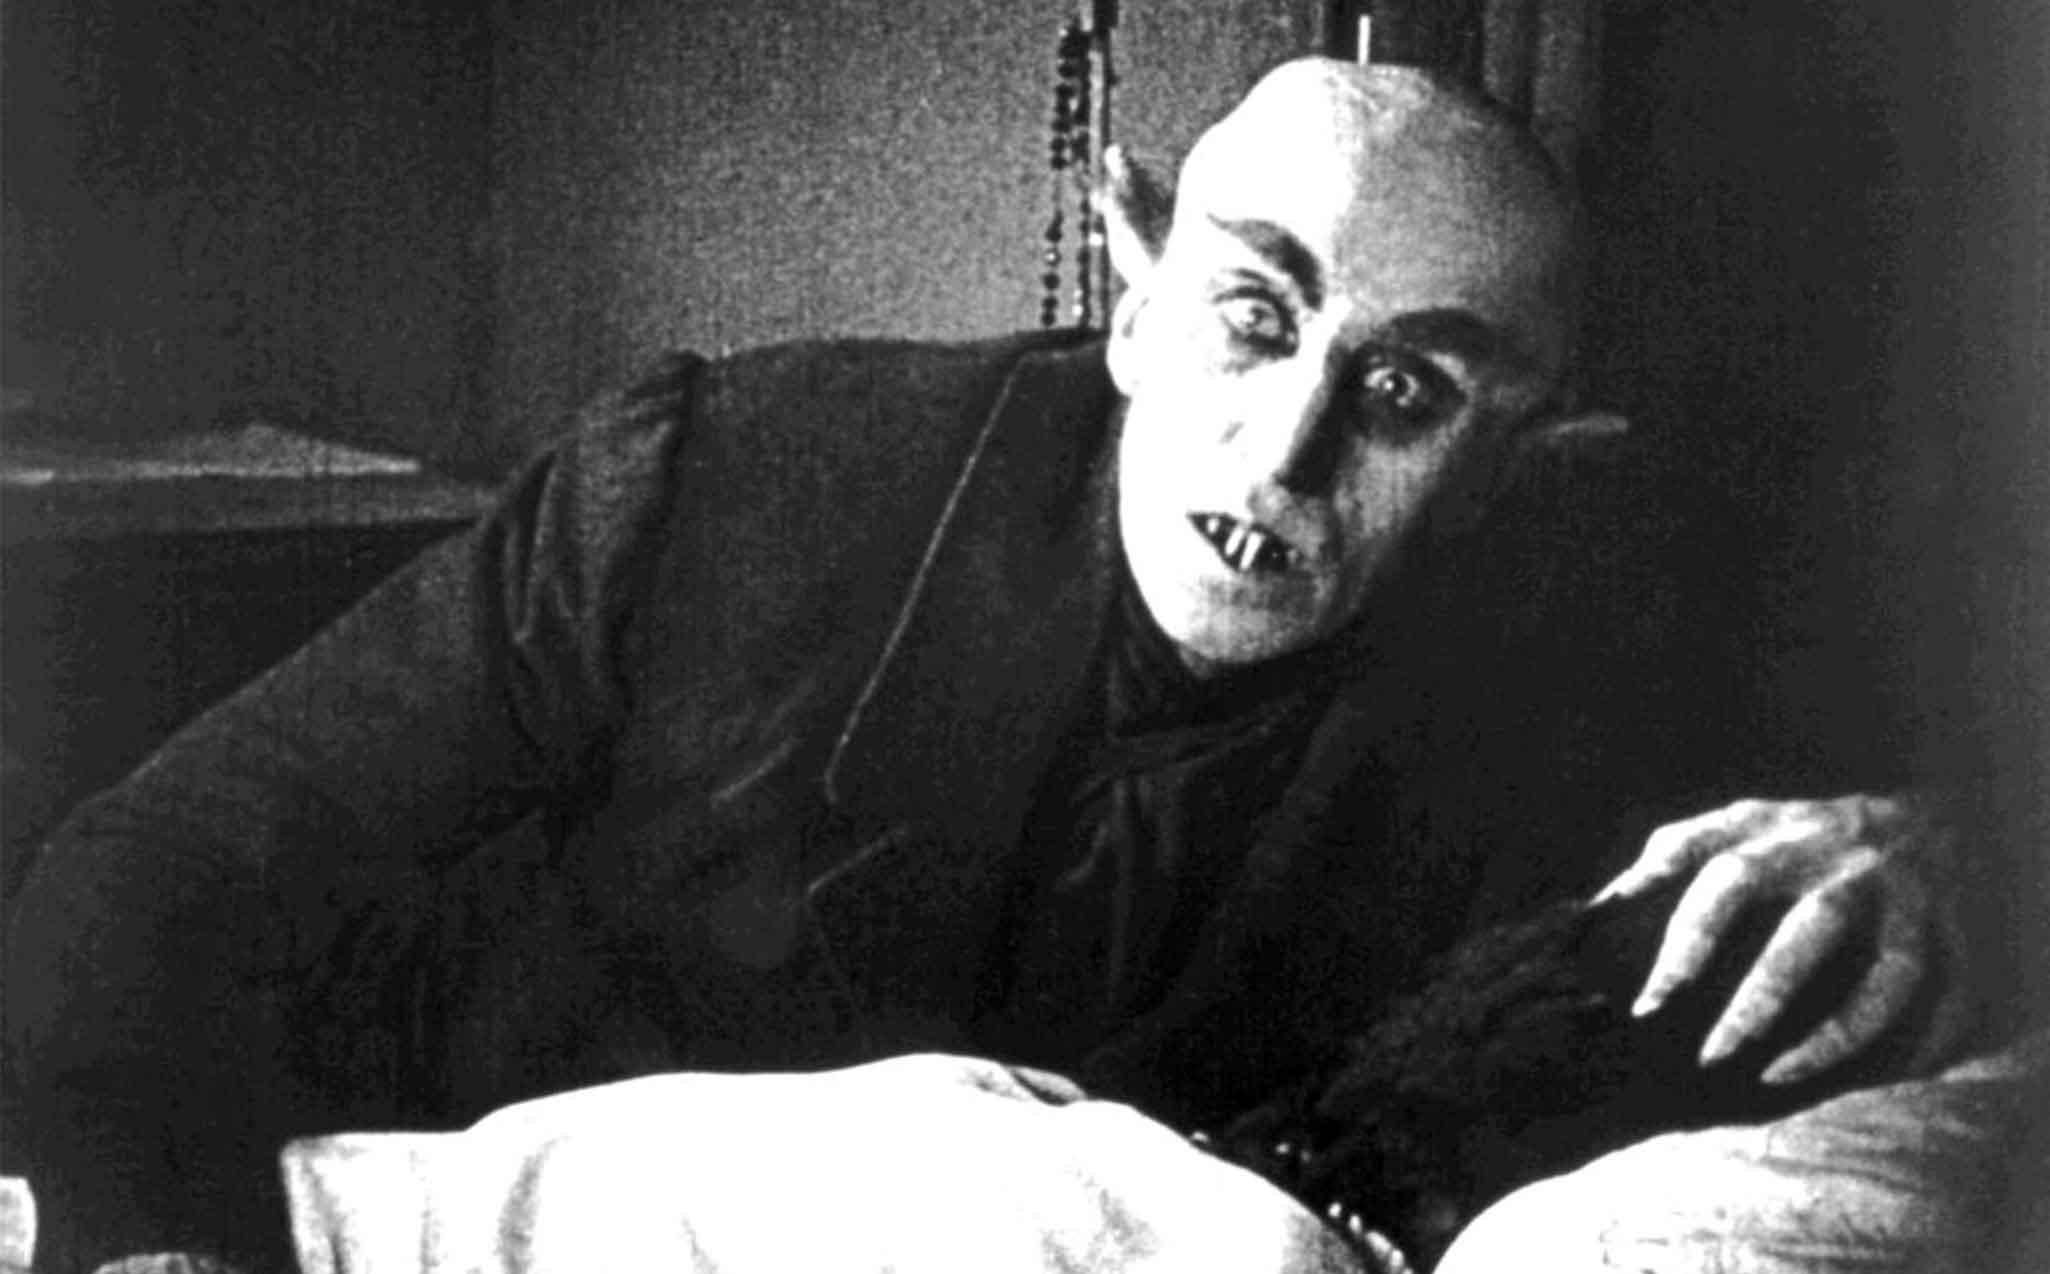 HQ Nosferatu Wallpapers | File 74.79Kb